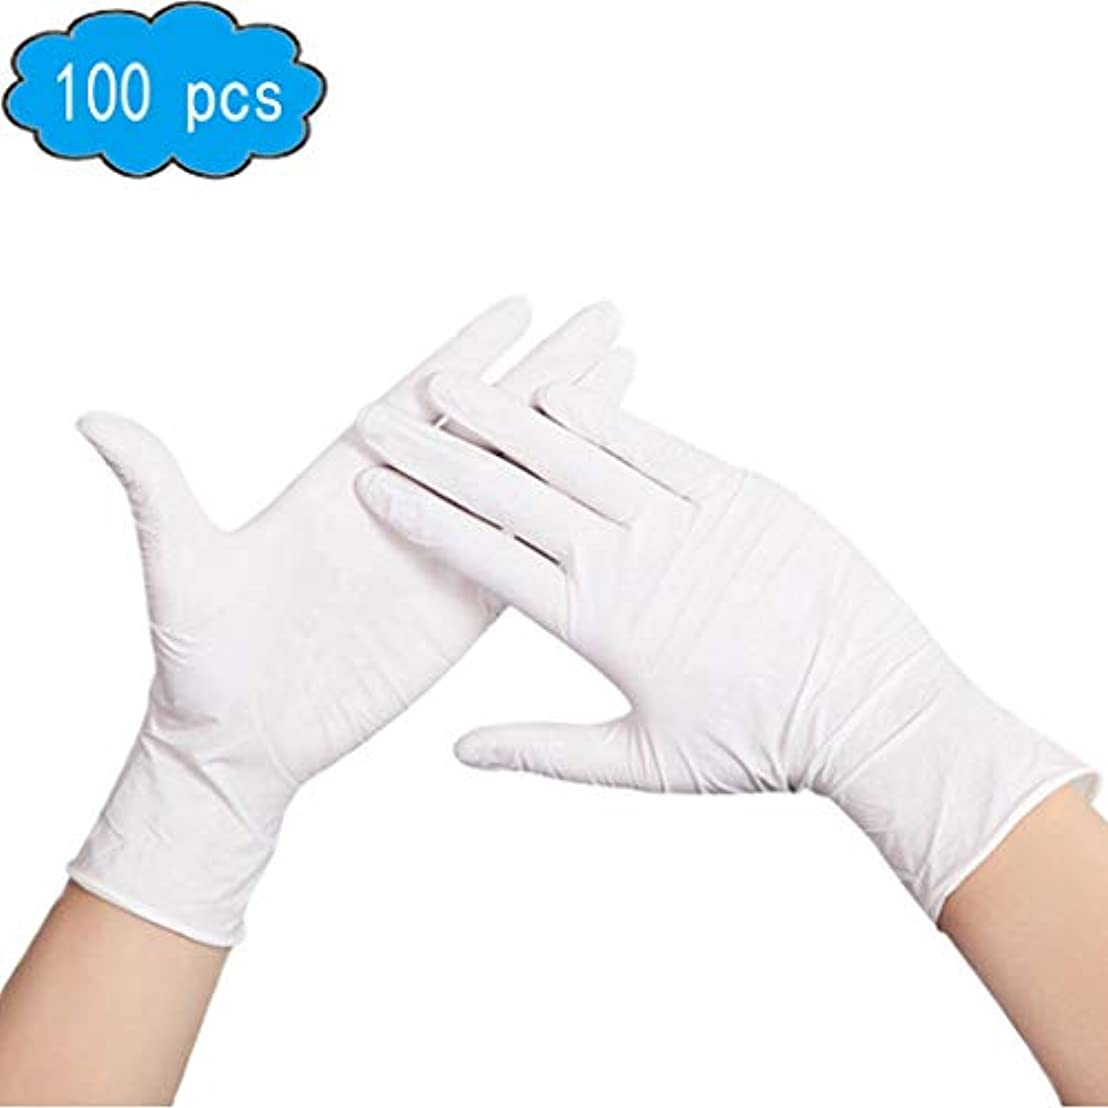 四半期見えない遺伝的ニトリル手袋、ラテックス医療検査用パウダーフリーの使い捨て手袋サイズ中 - 9